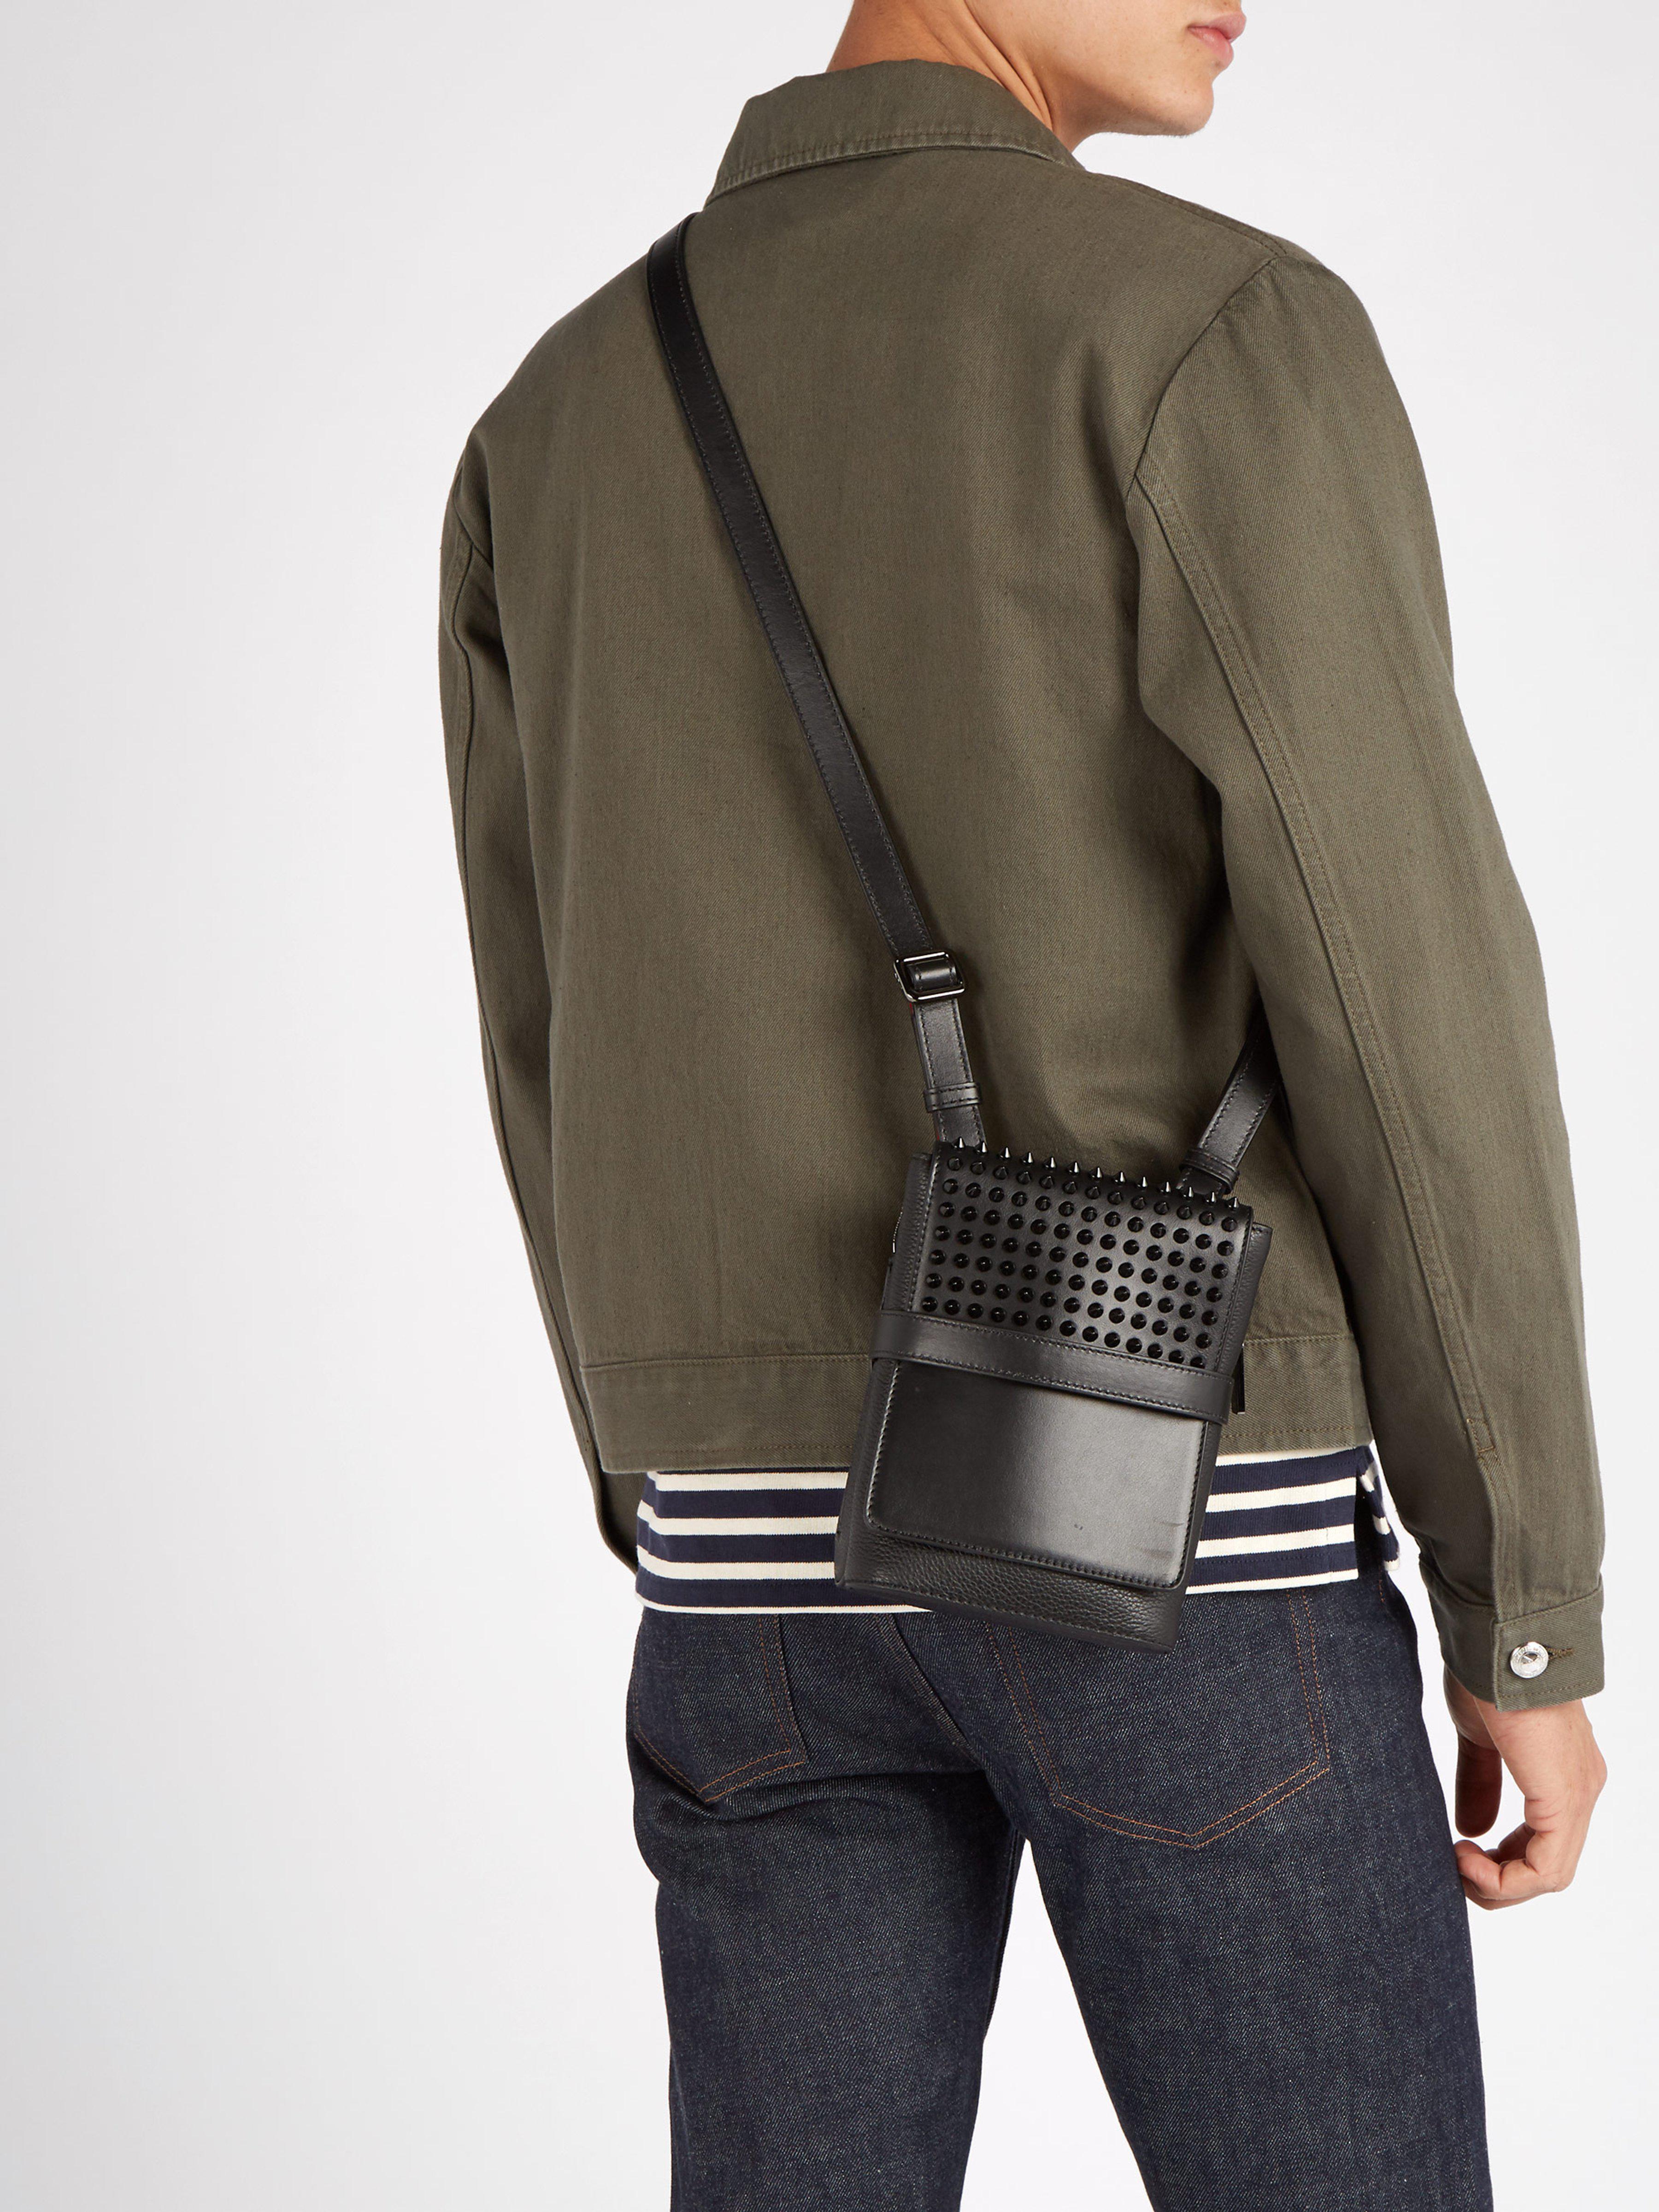 ... Small Spike Embellished Cross Body Bag for Men - Lyst. View fullscreen 321cd6791f67e